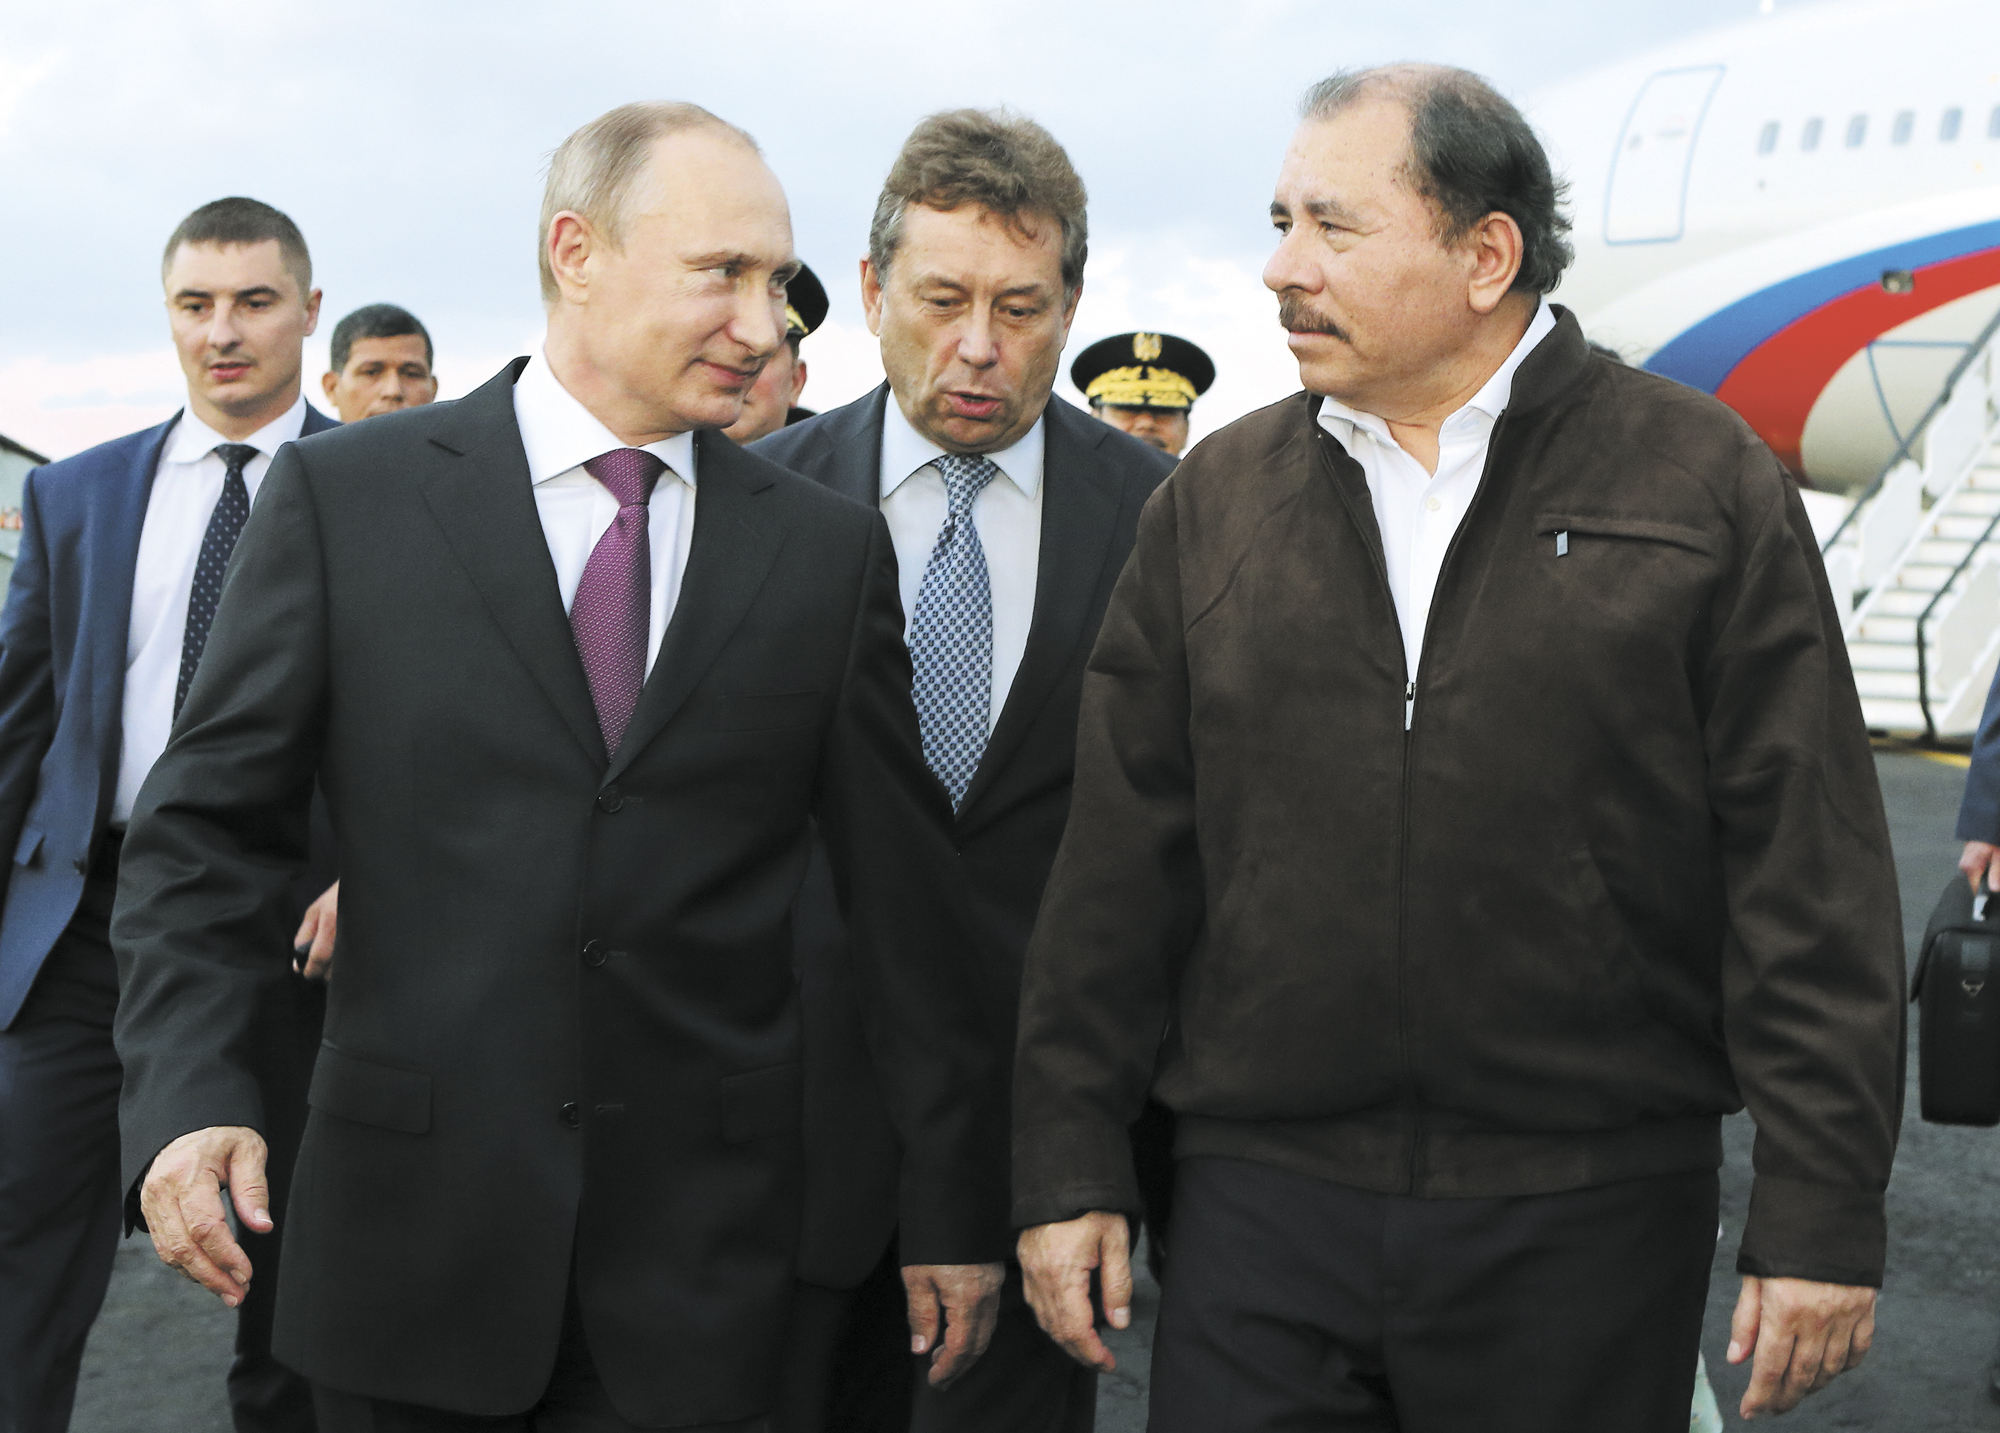 Las relaciones entre Nicaragua y Rusia, especialmente en lo militar, sí afectan al país, indicó el diputado Víctor Hugo Tinoco. LA PRENSA/ ARCHIVO/ AFP